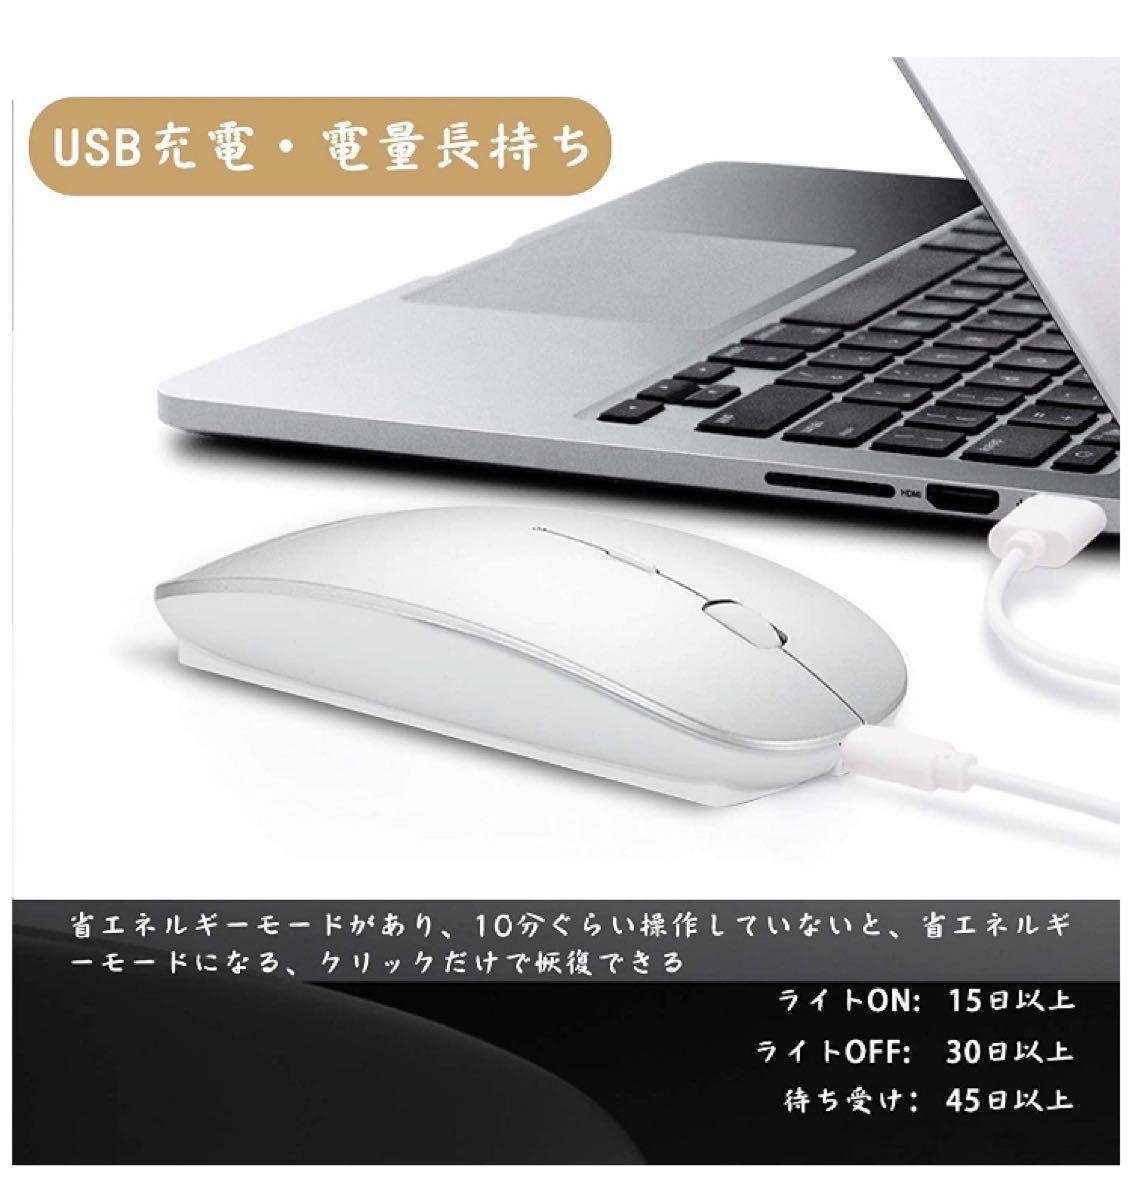 ワイヤレスマウス Bluetoothマウス 静音 USB